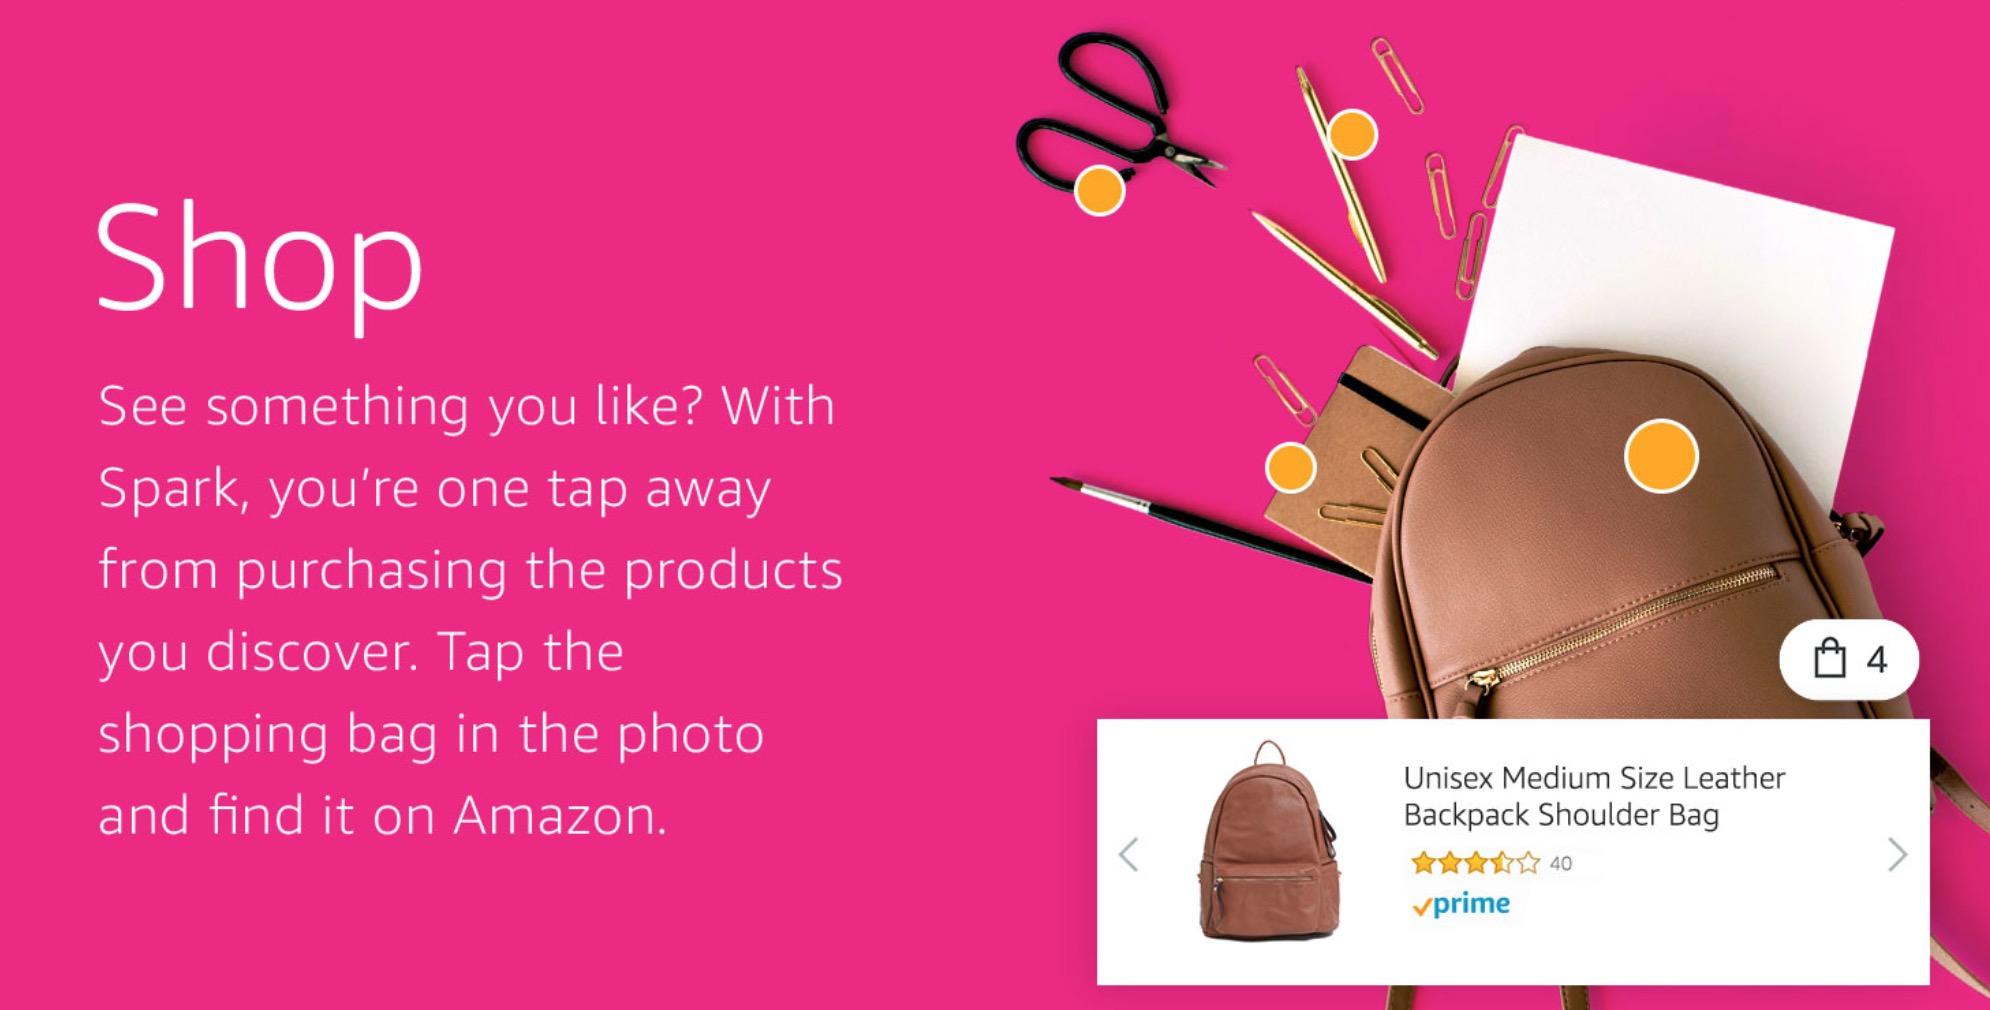 Amazon Spark shopping